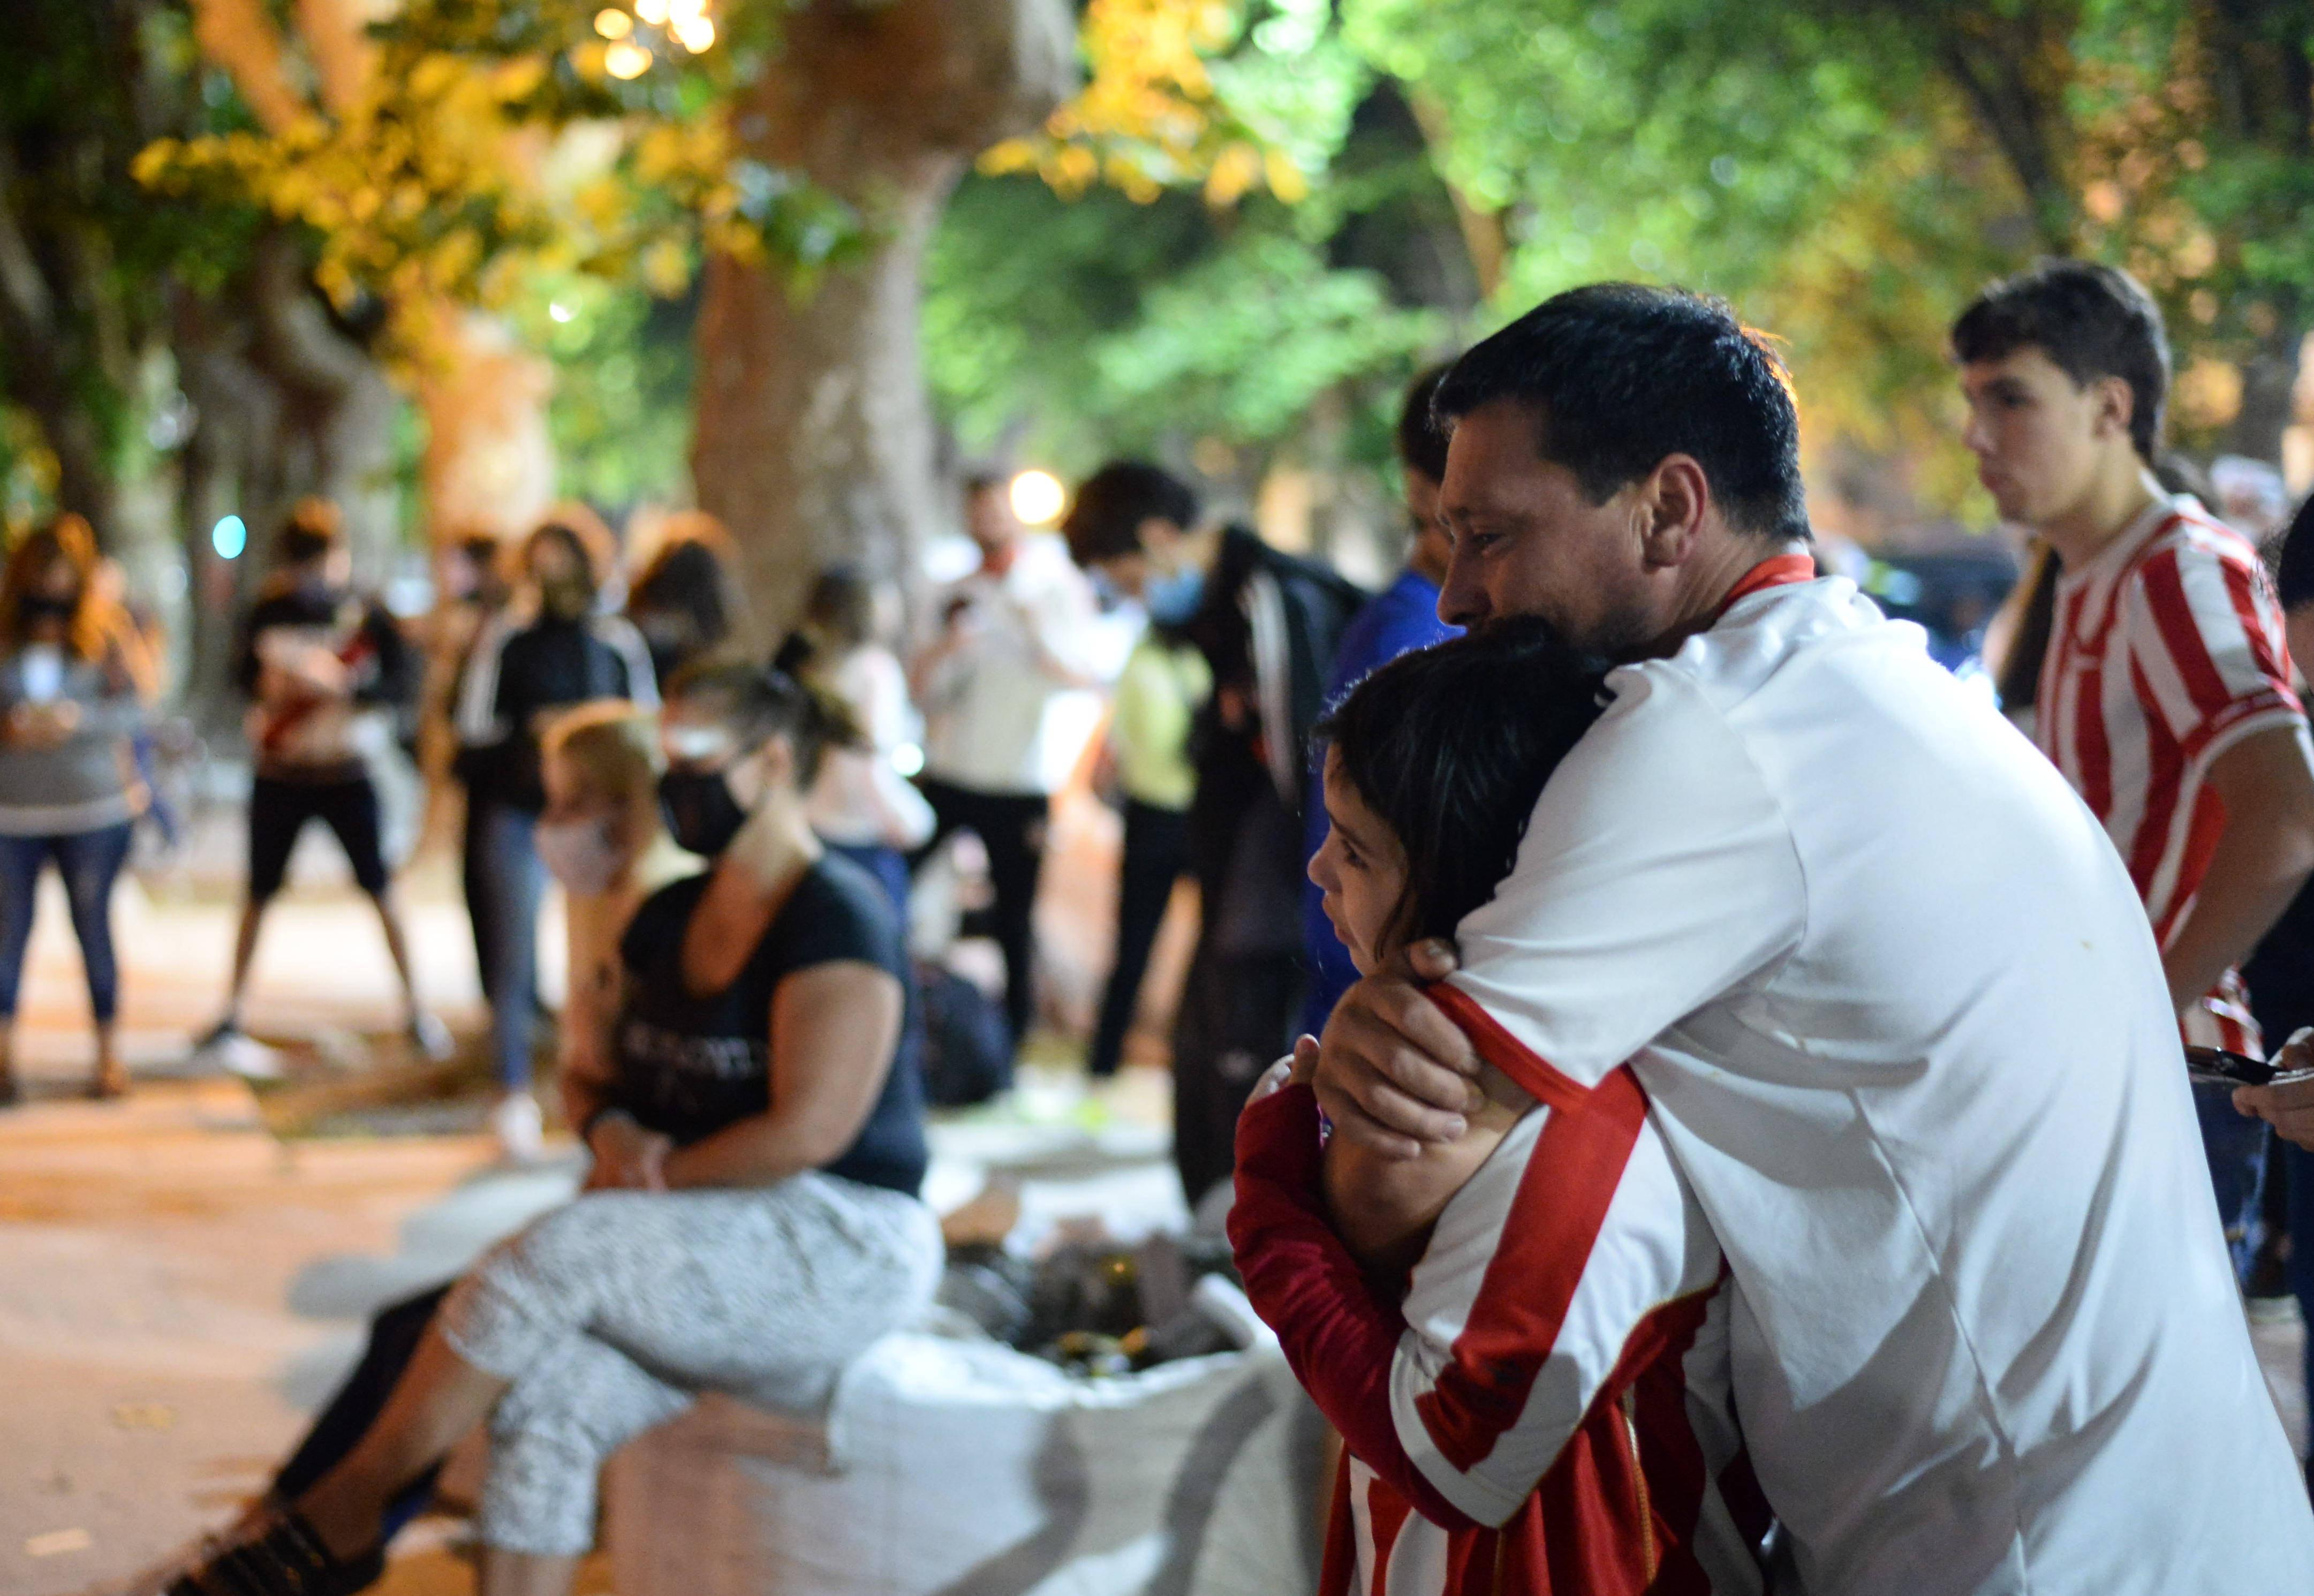 Finalmente, después de una leve mejoría, Sabella perdió la vida tras luchar en su internación que empezó el pasado 25 de noviembre, el día del adiós a Diego Armando Maradona